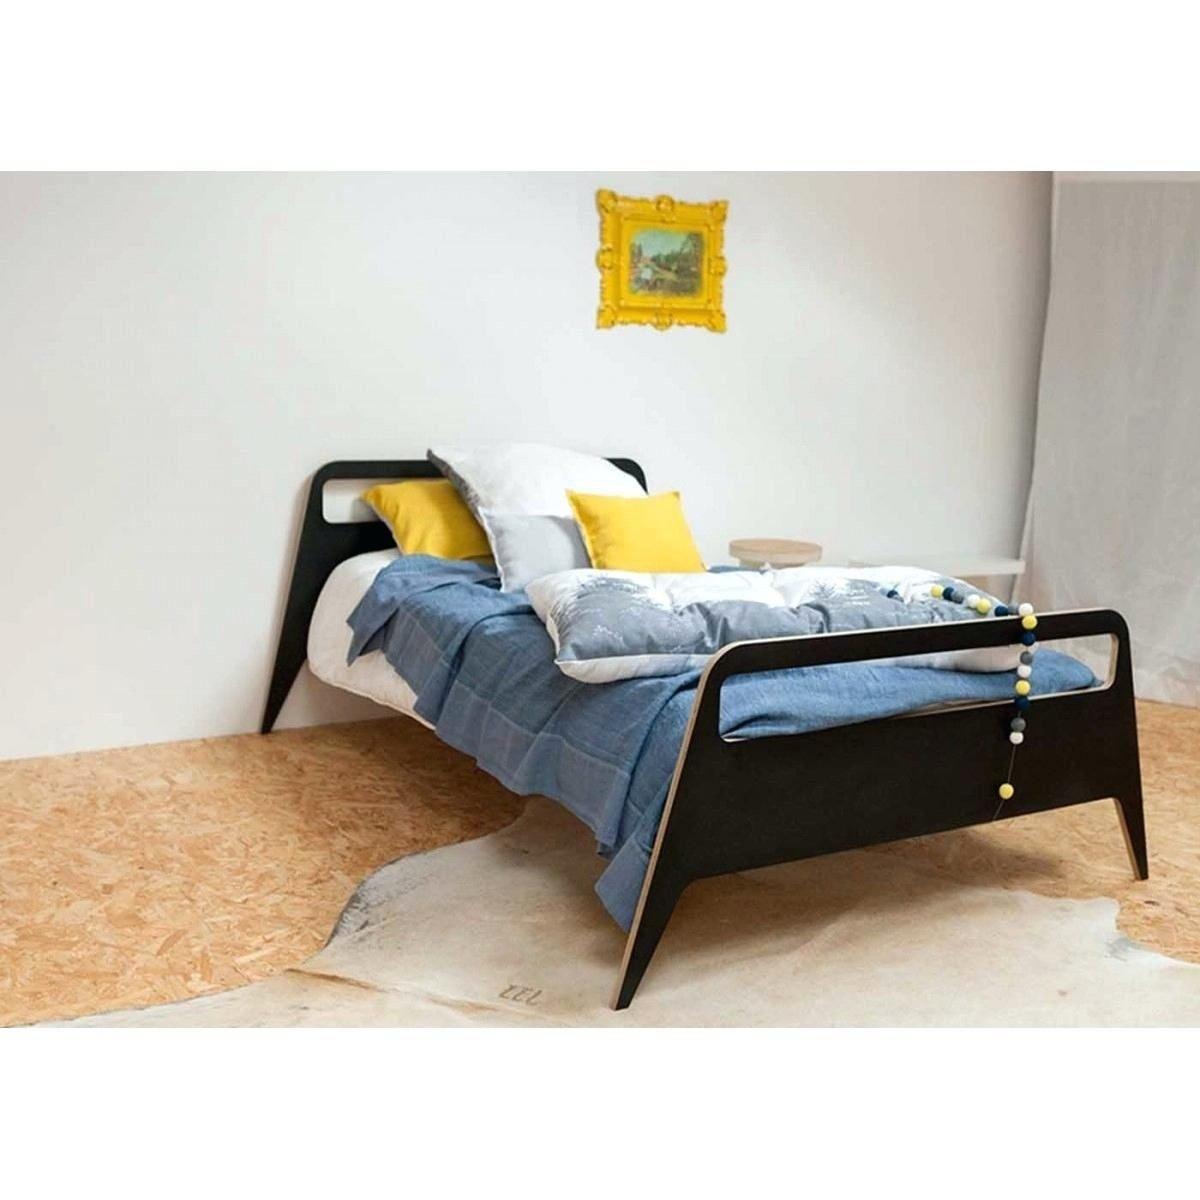 Drap Lit 160×200 Douce Ikea Drap De Lit 20 Incroyable Matelas sommier Ikea Galerie Acivil